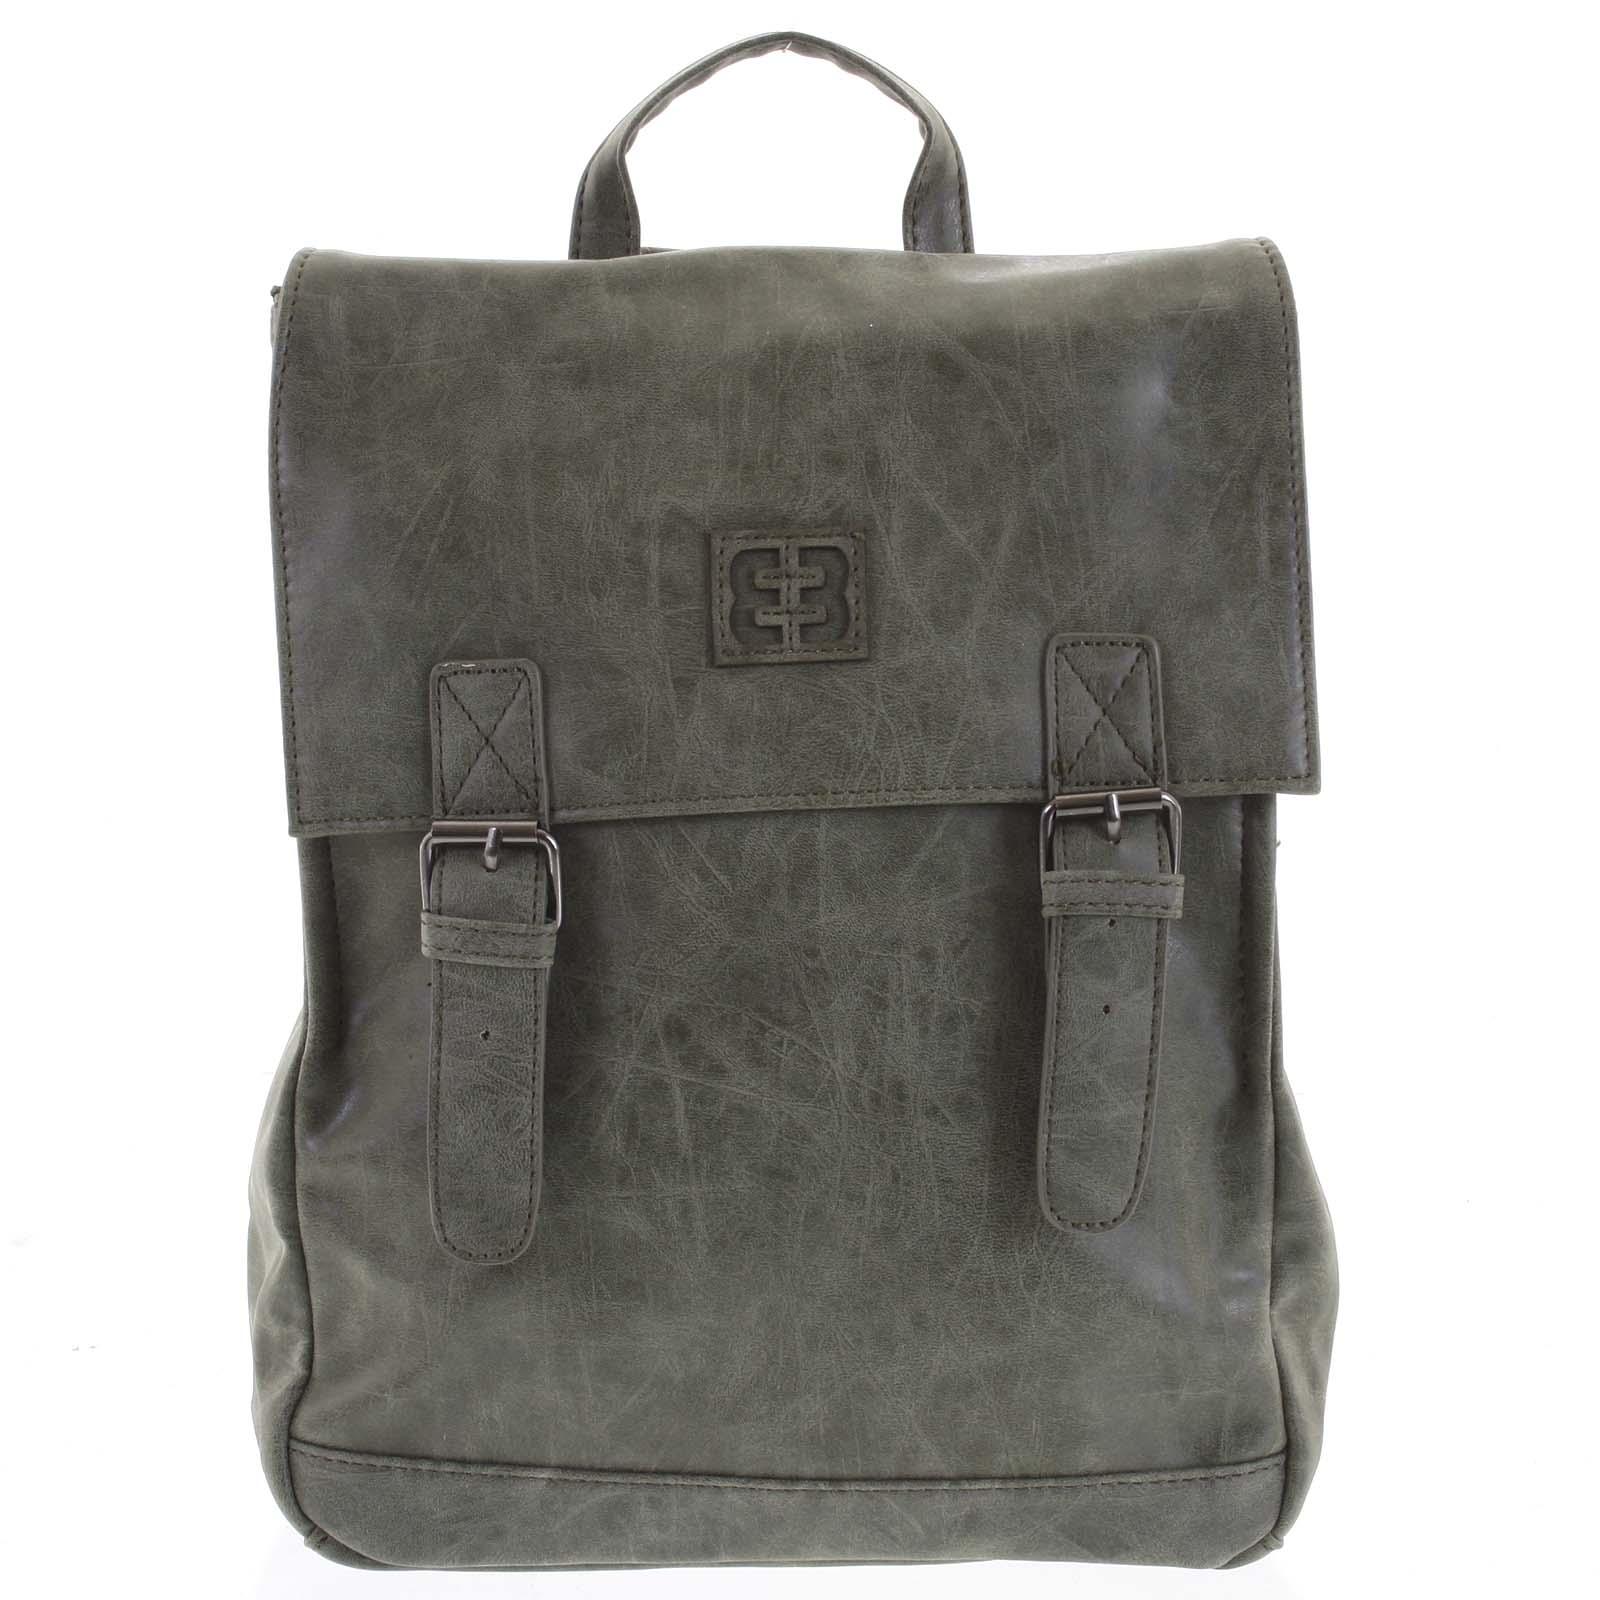 Módní stylový střední batoh olivově zelený - Enrico Benetti Traverz